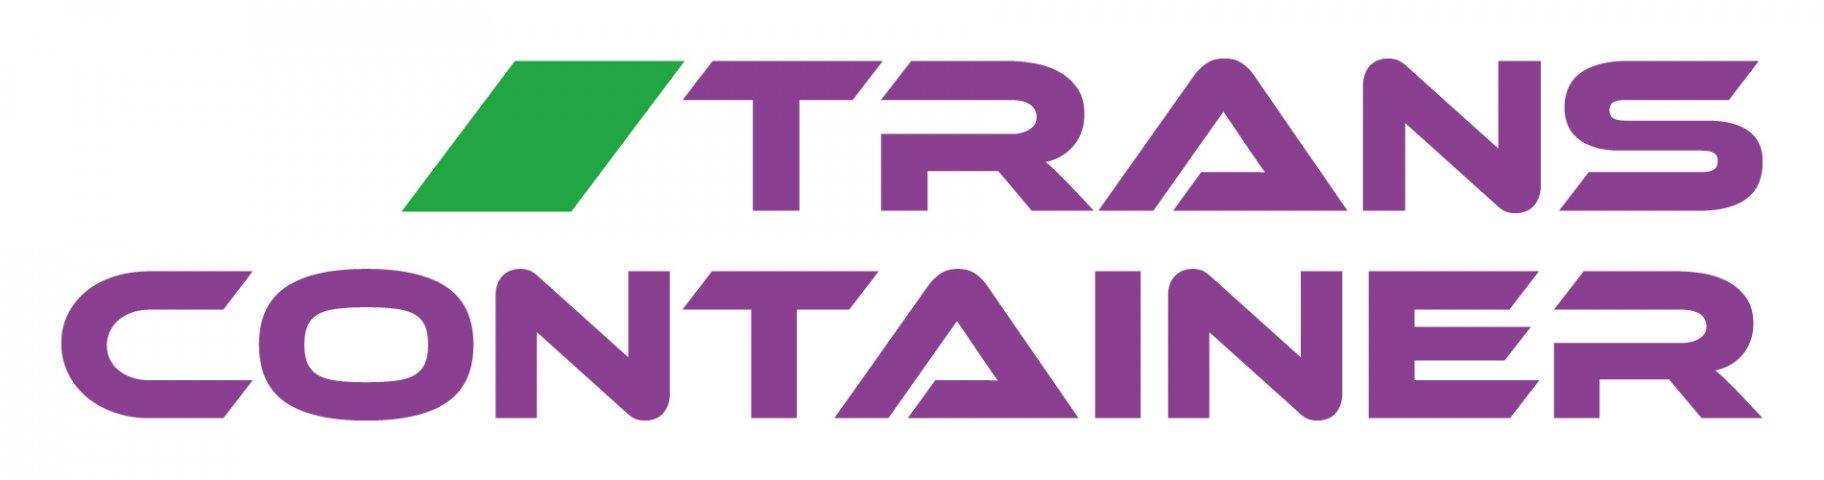 logo_transcontainer_213_kb_jpg.jpg